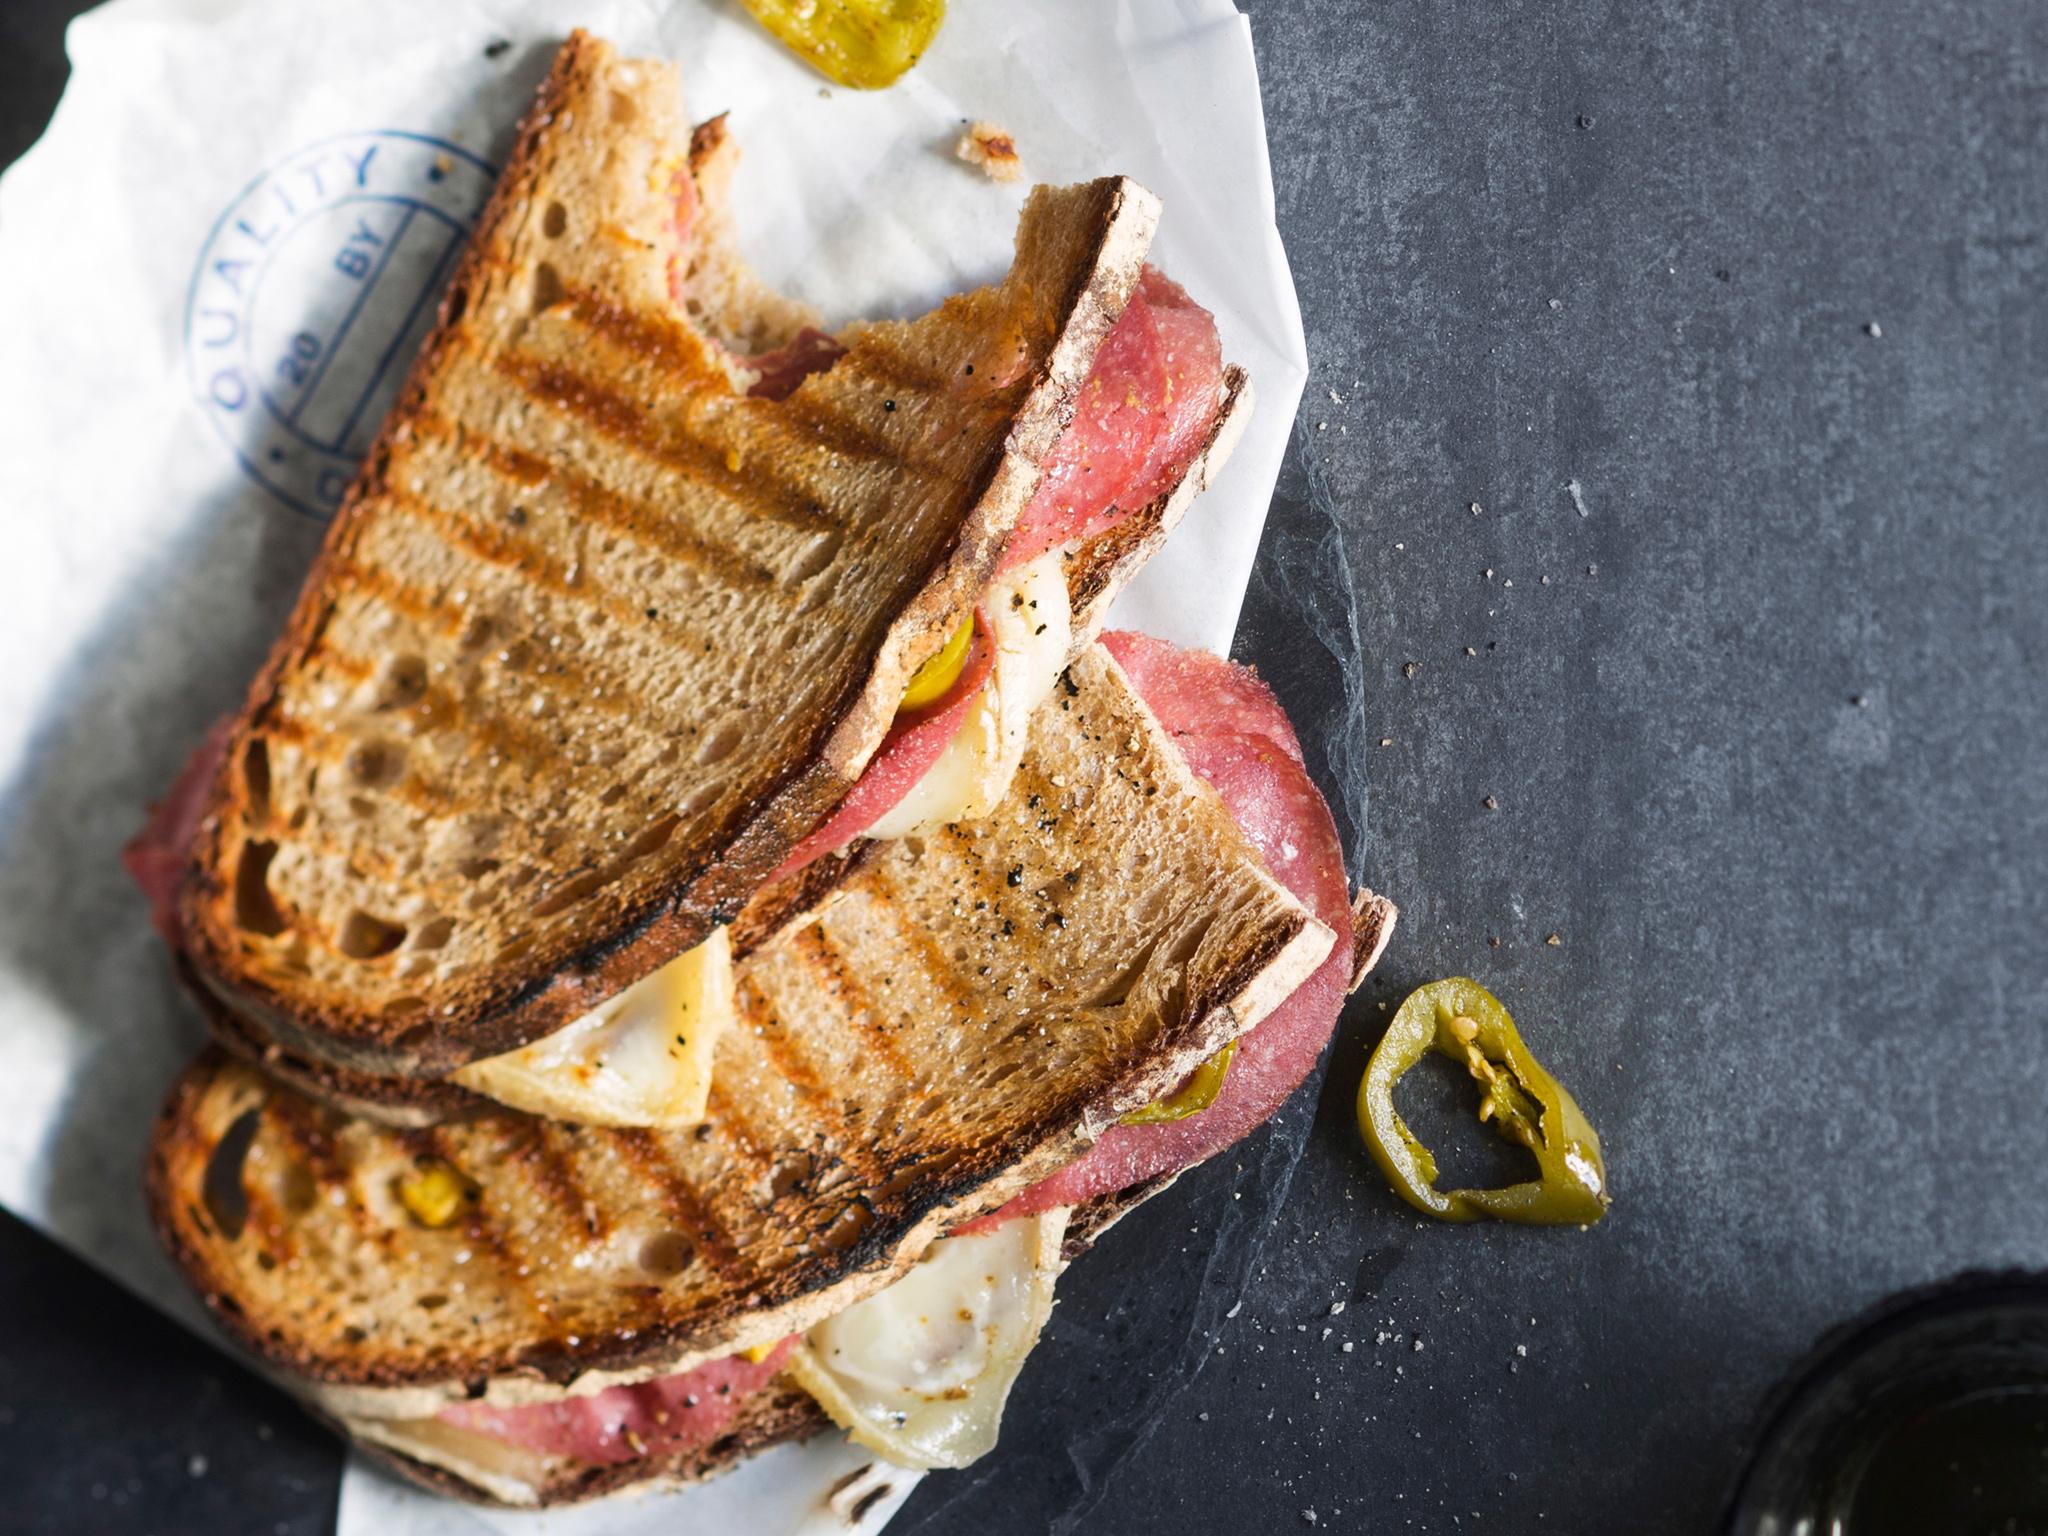 Kuva - Tuliset juusto-salamisandwichit